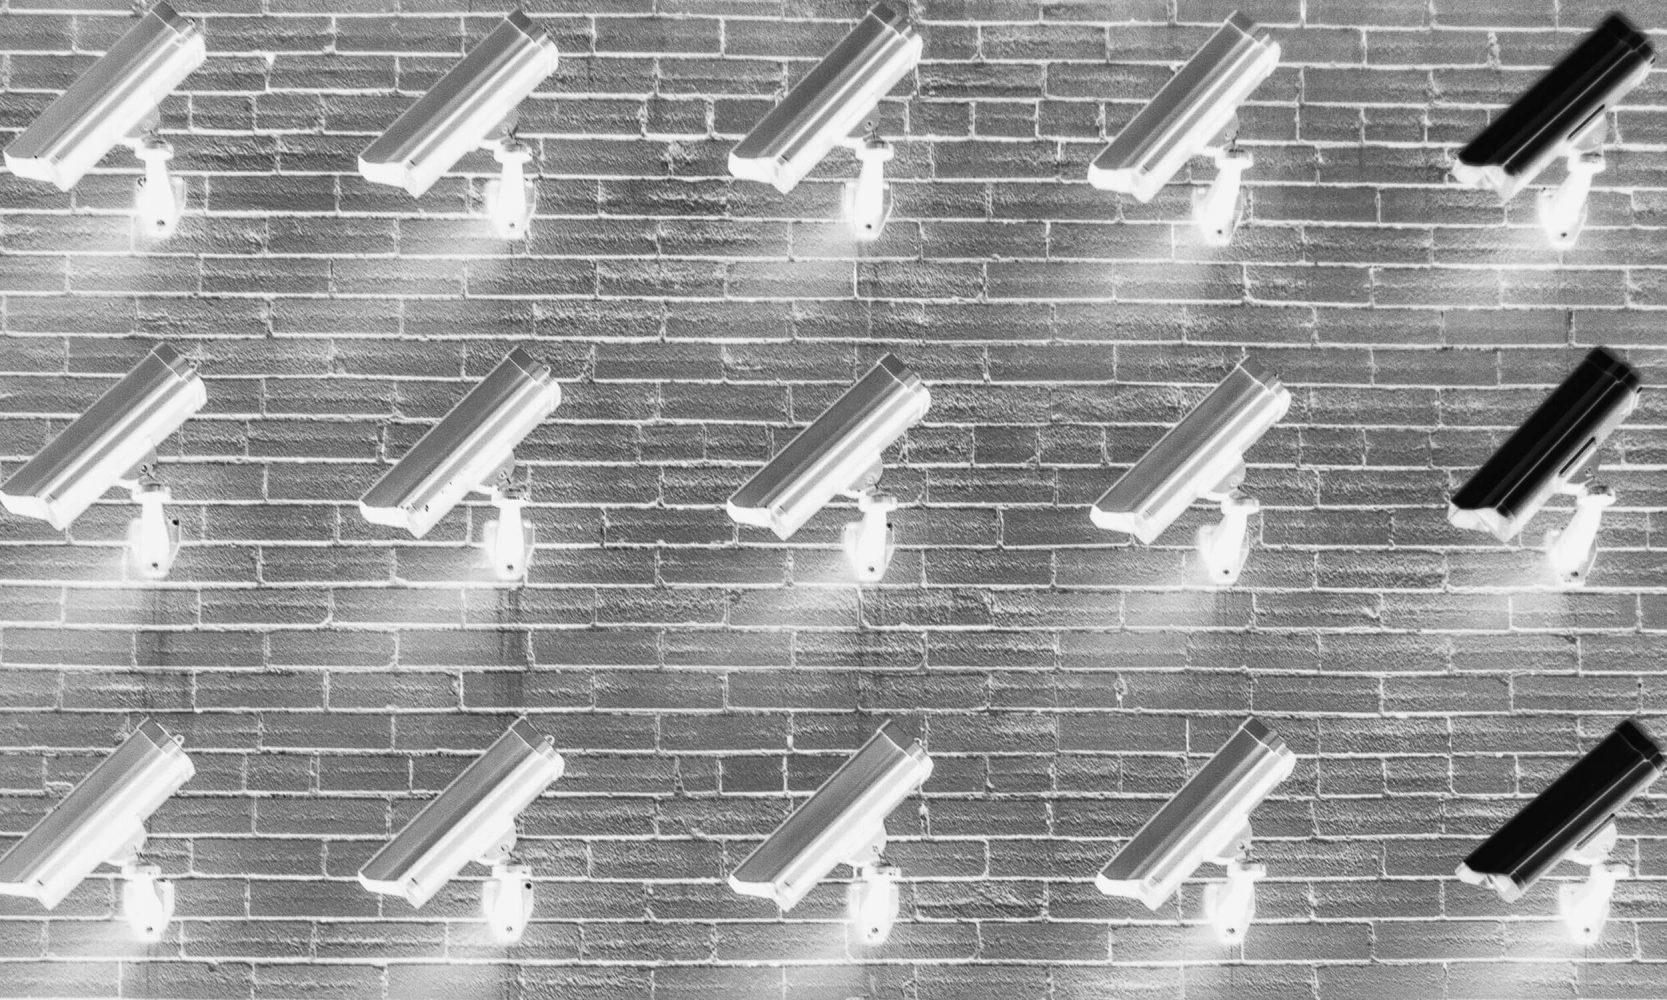 cctv camera wall installation